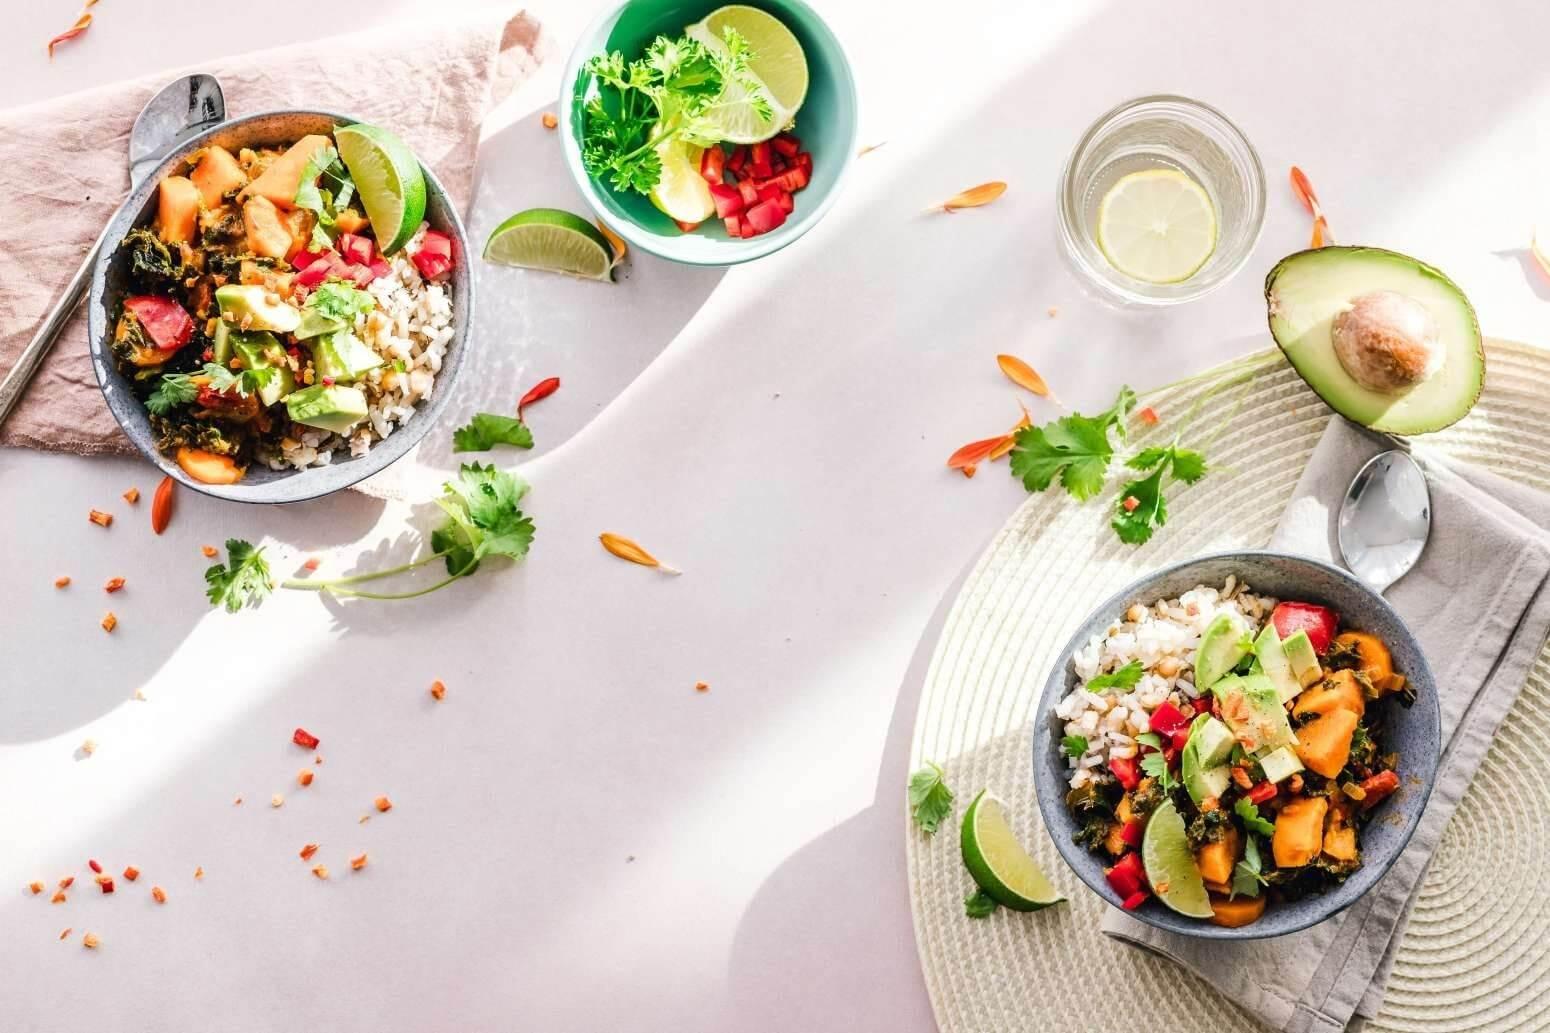 Thải độc cơ thể bằng phương pháp tự nhiên với chế độ ăn hợp lý